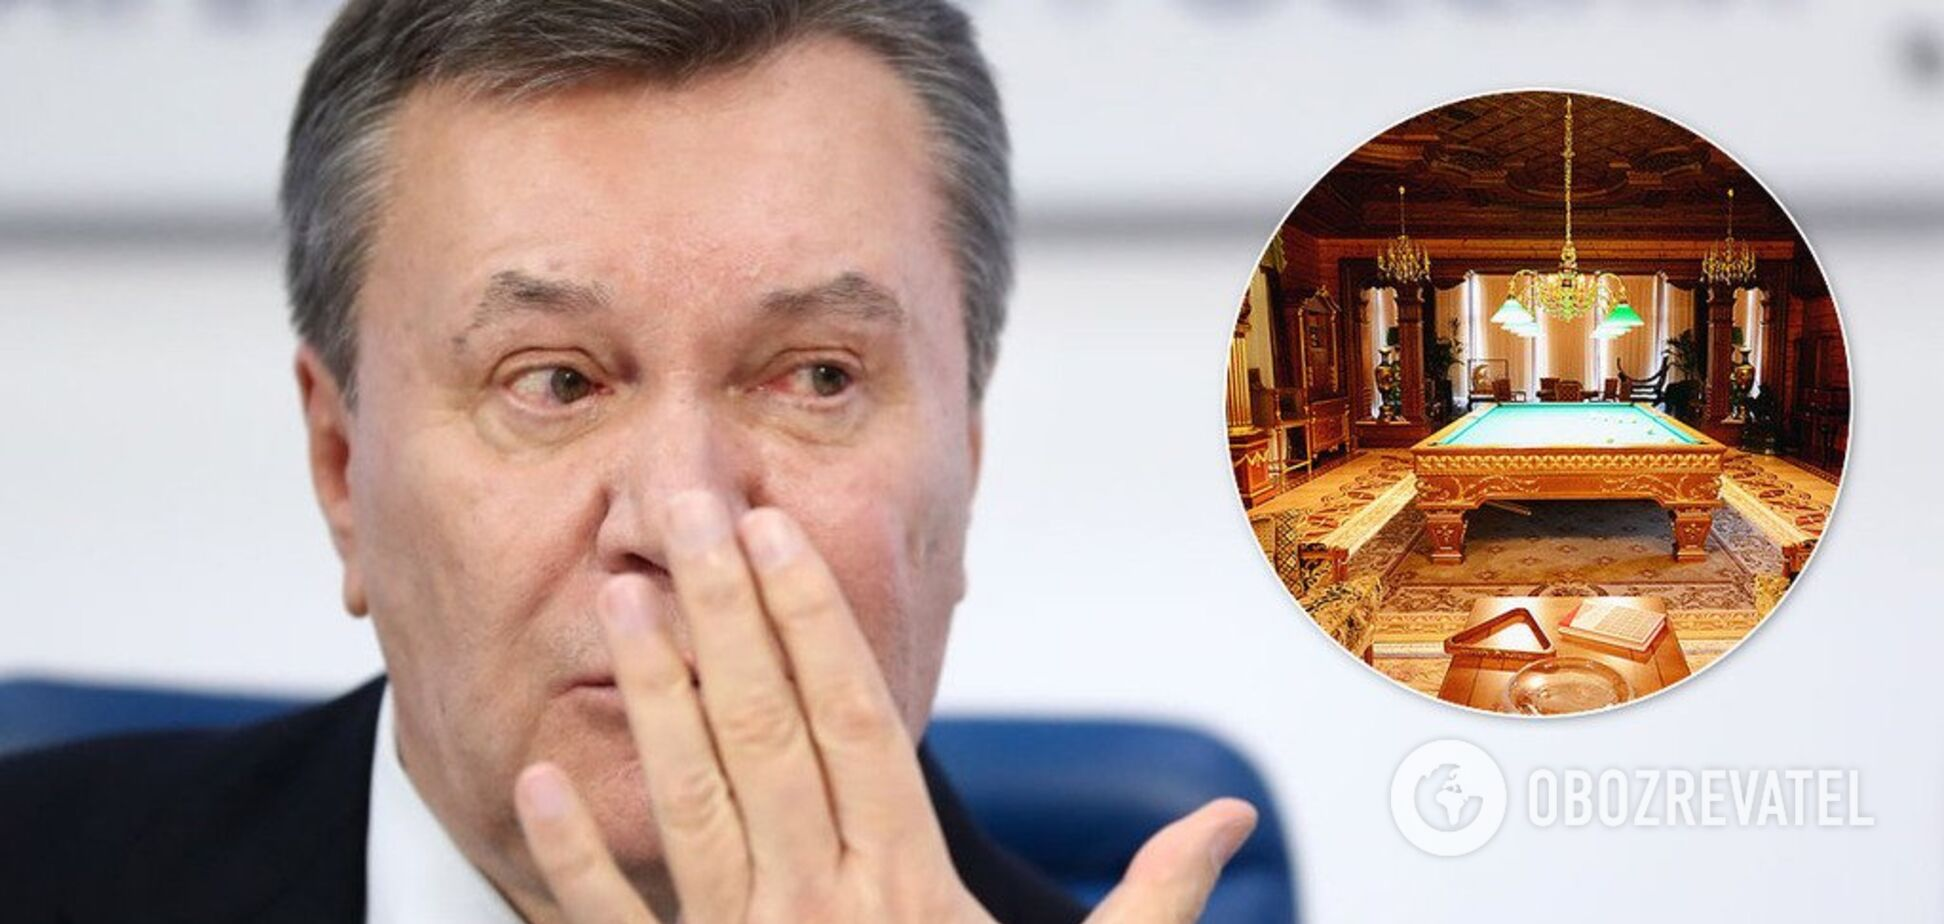 Адвокат розповів, де зараз живе Янукович